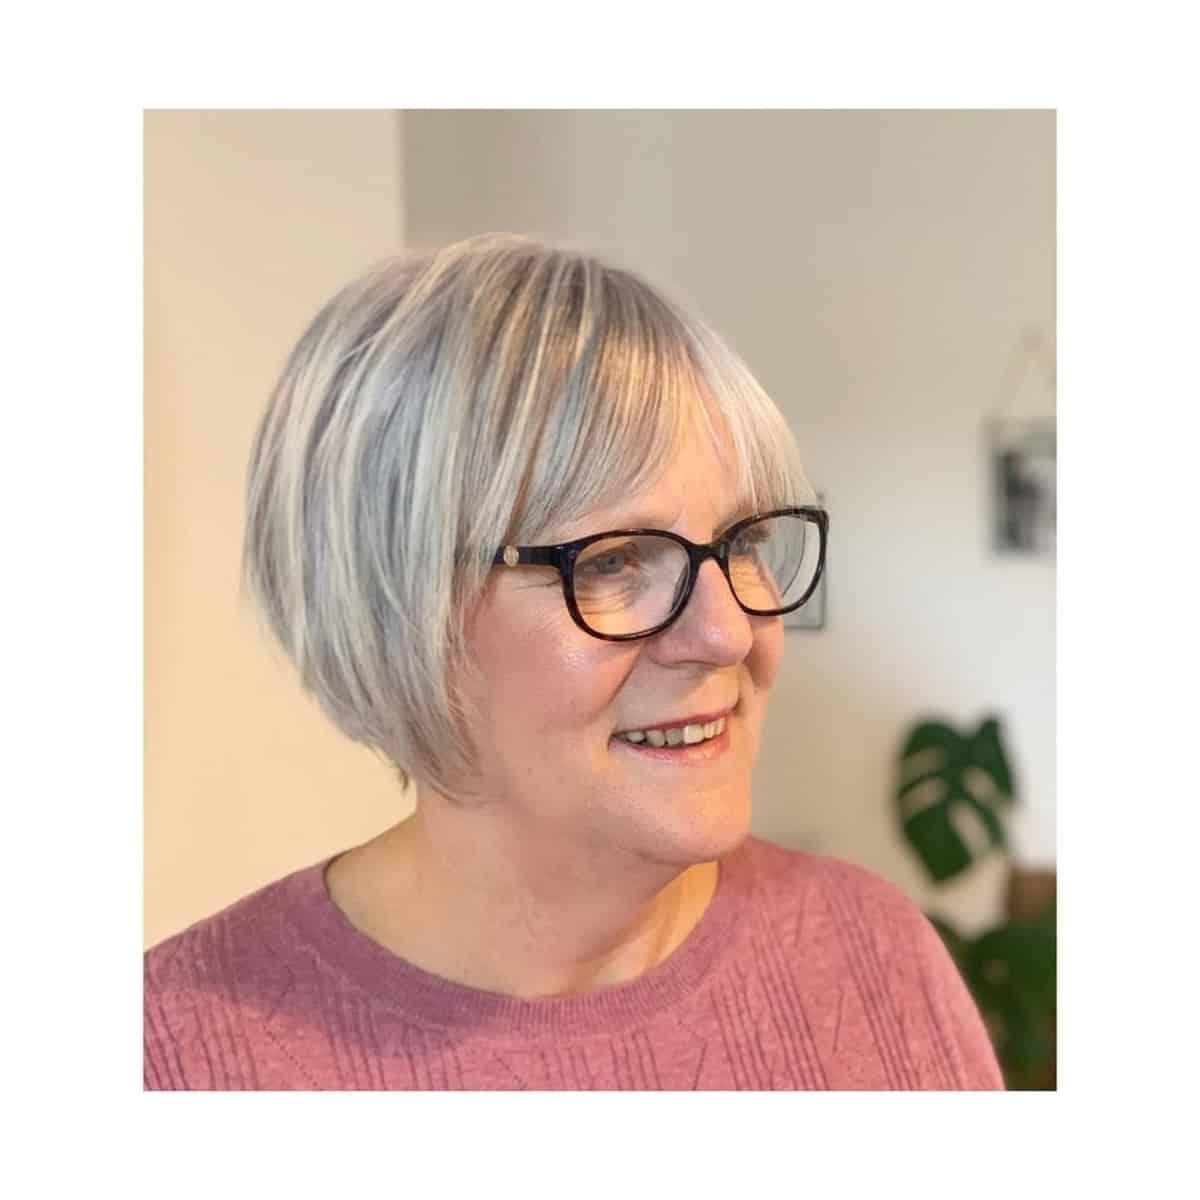 corte de pelo corto para cabello gris y anteojos